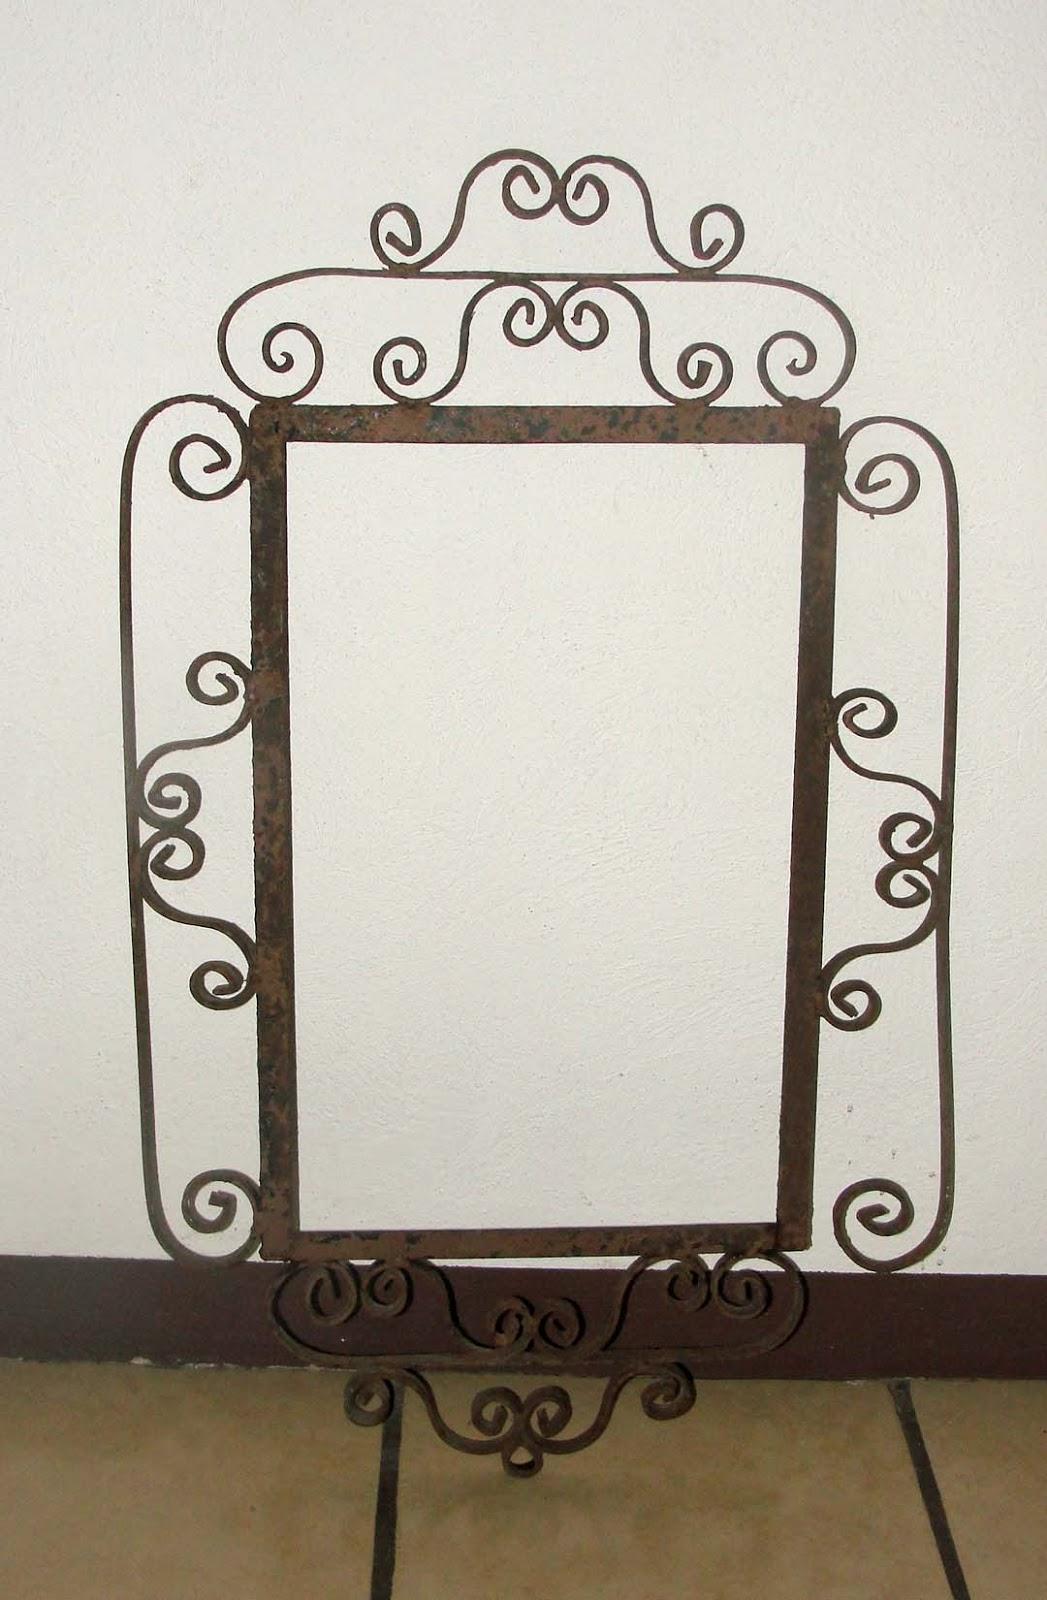 Desde jalisco bazar antiguo marco de hierro forjado para for Espejos de pared con marco